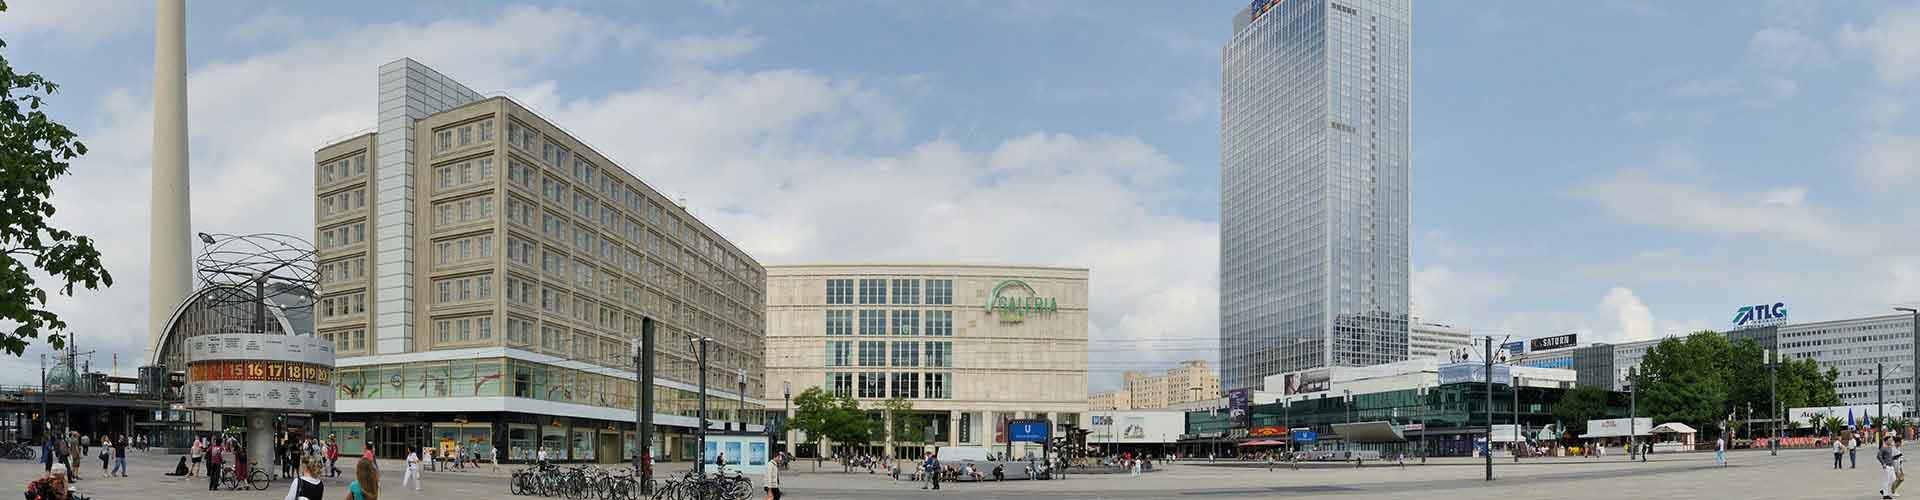 Berlín - Habitaciones cerca a Alexanderplatz. Mapas de Berlín, Fotos y comentarios de cada Habitación en Berlín.